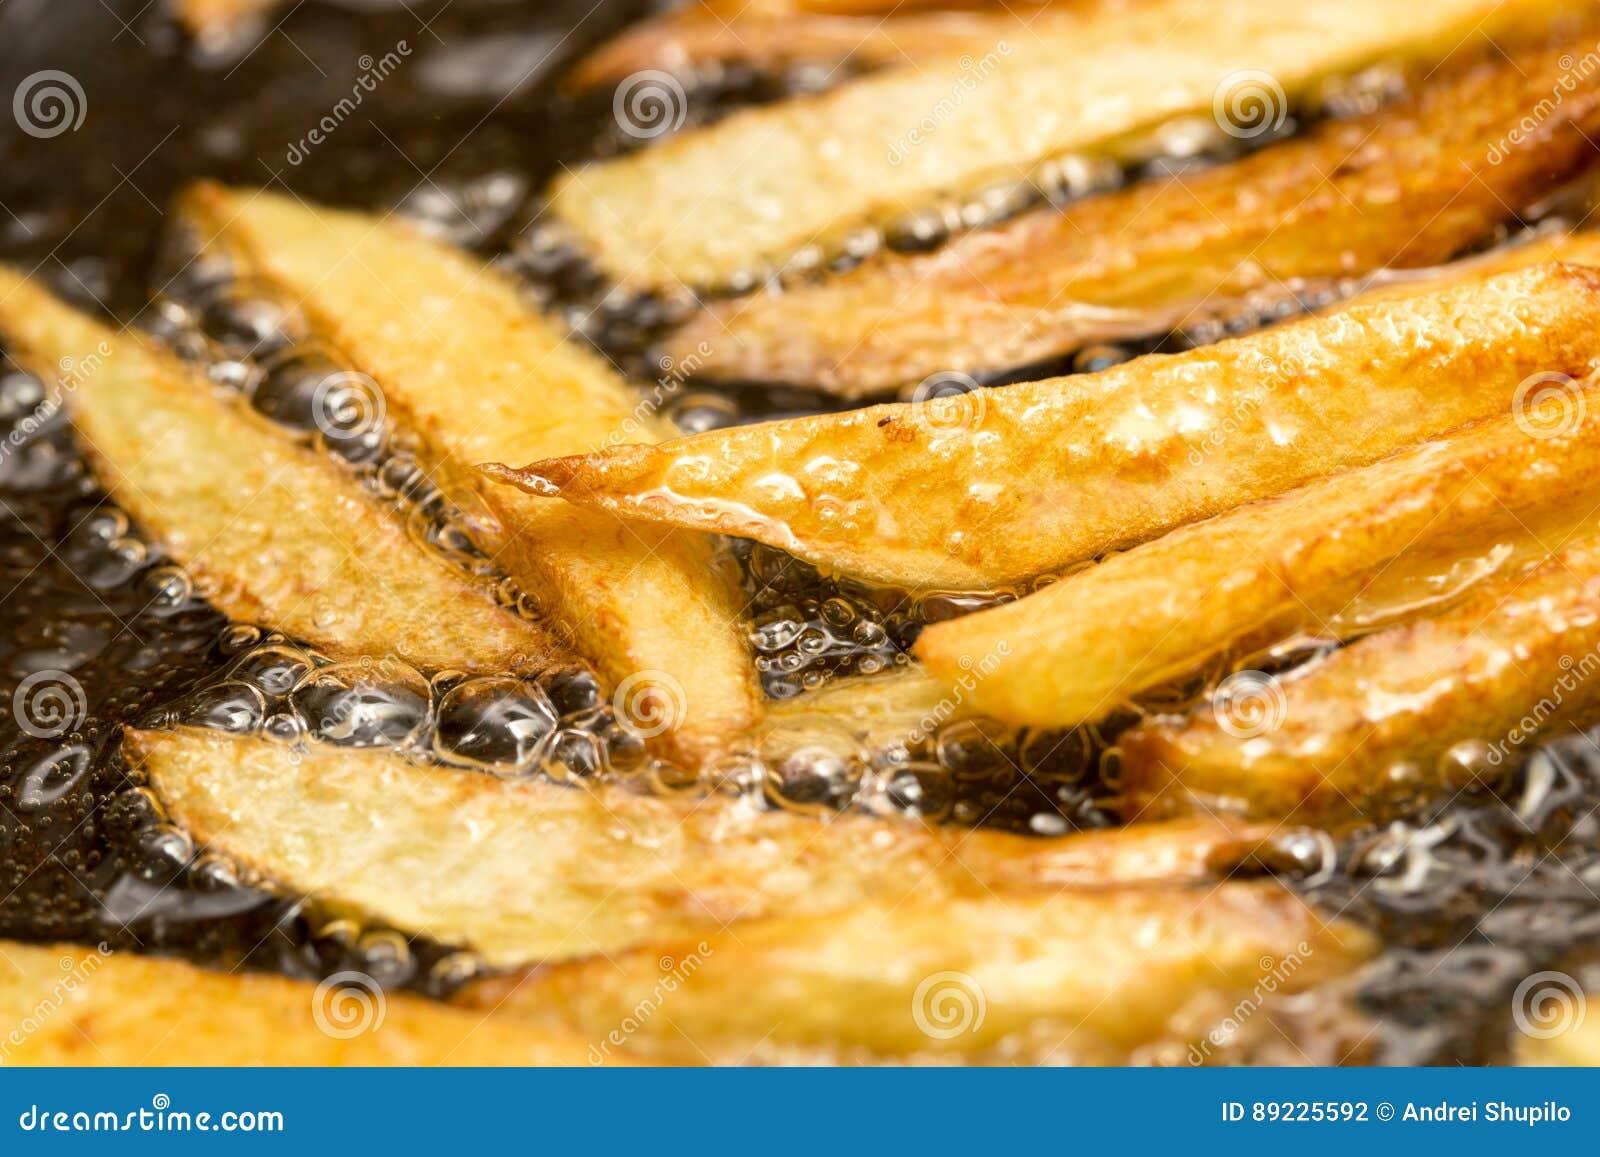 在平底锅油煎的炸薯条